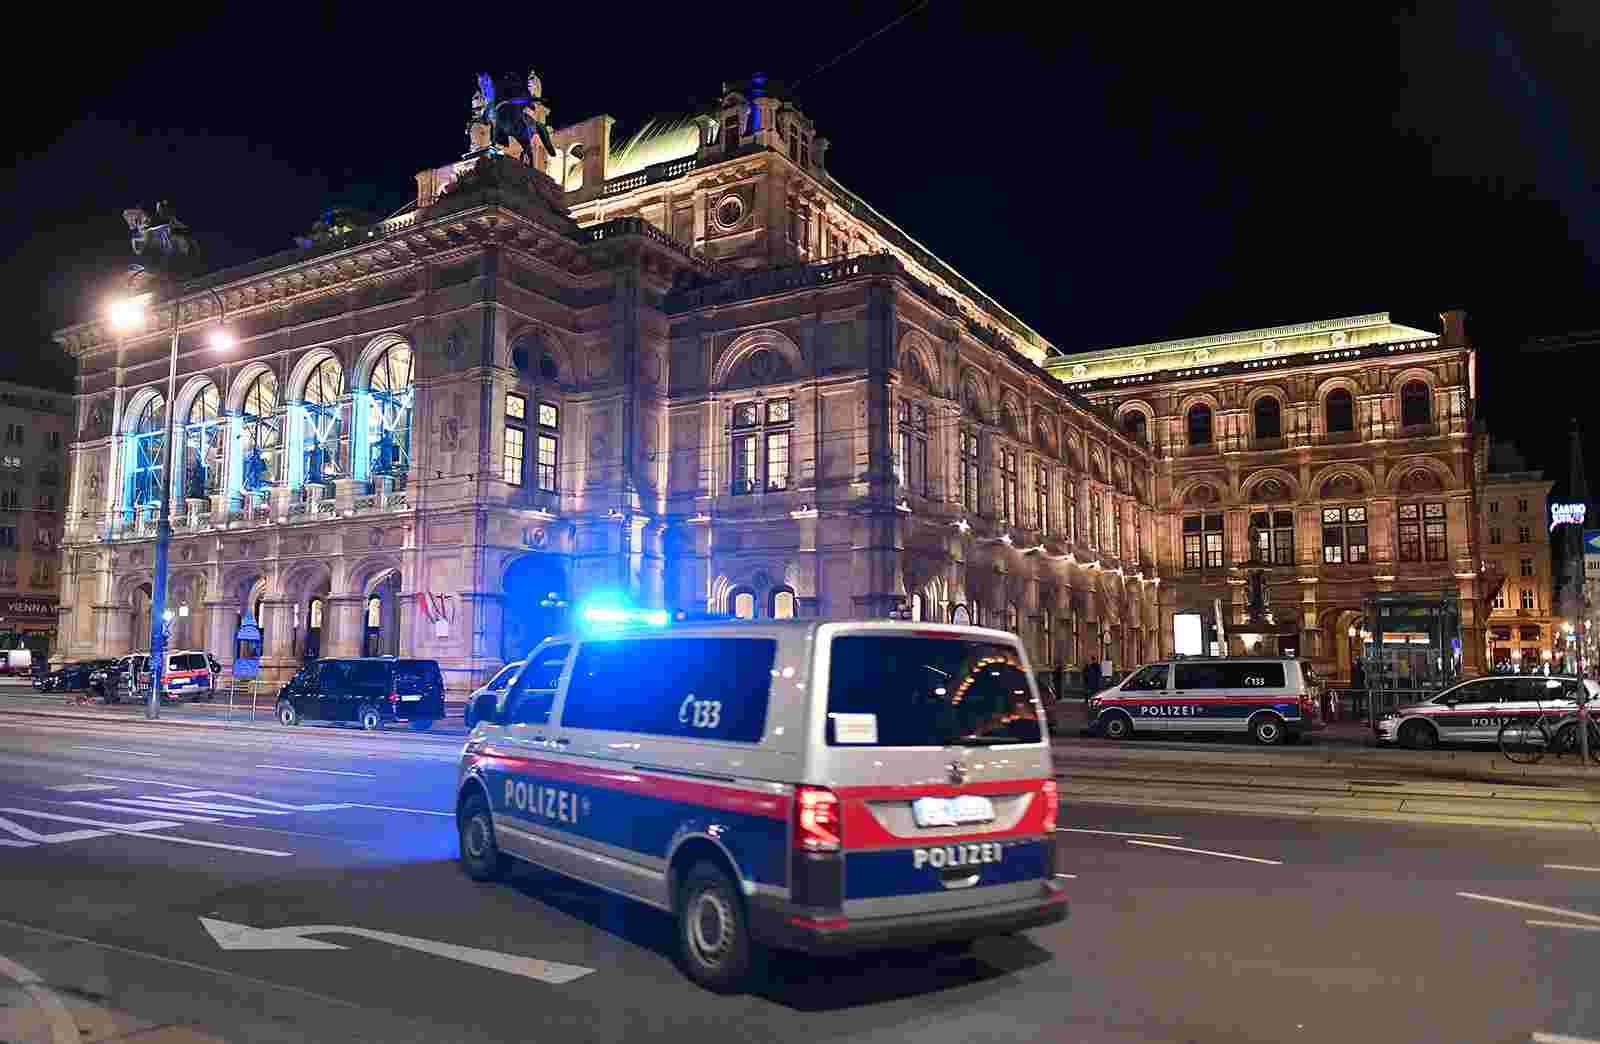 恐怖主义趁虚而入,疫情中的欧洲再遭严峻考验